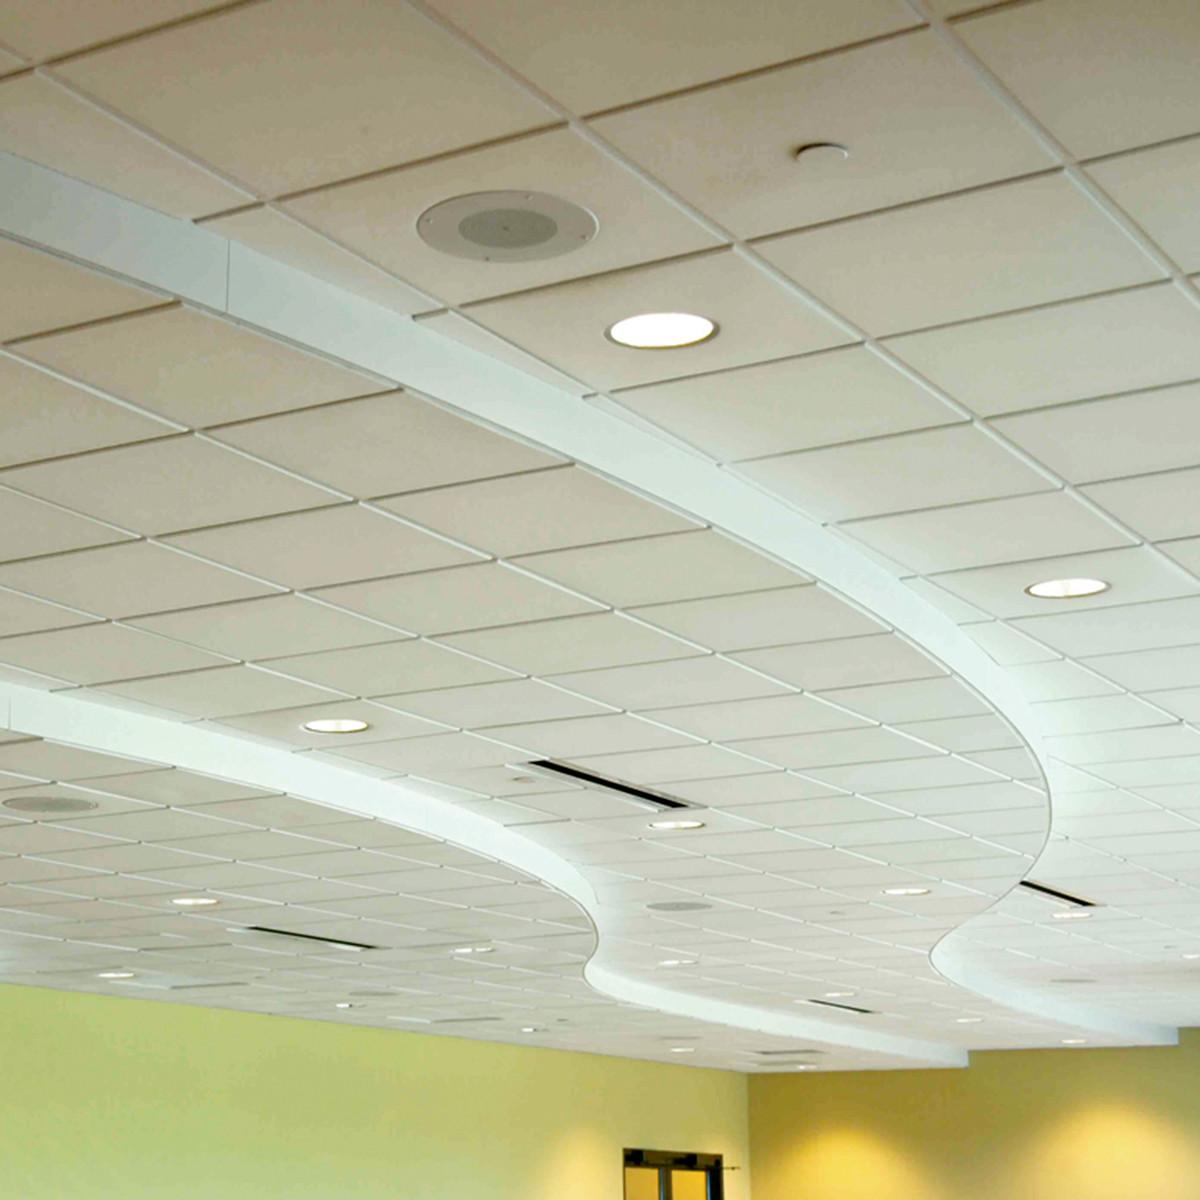 acoustic-ceiling-tile-application